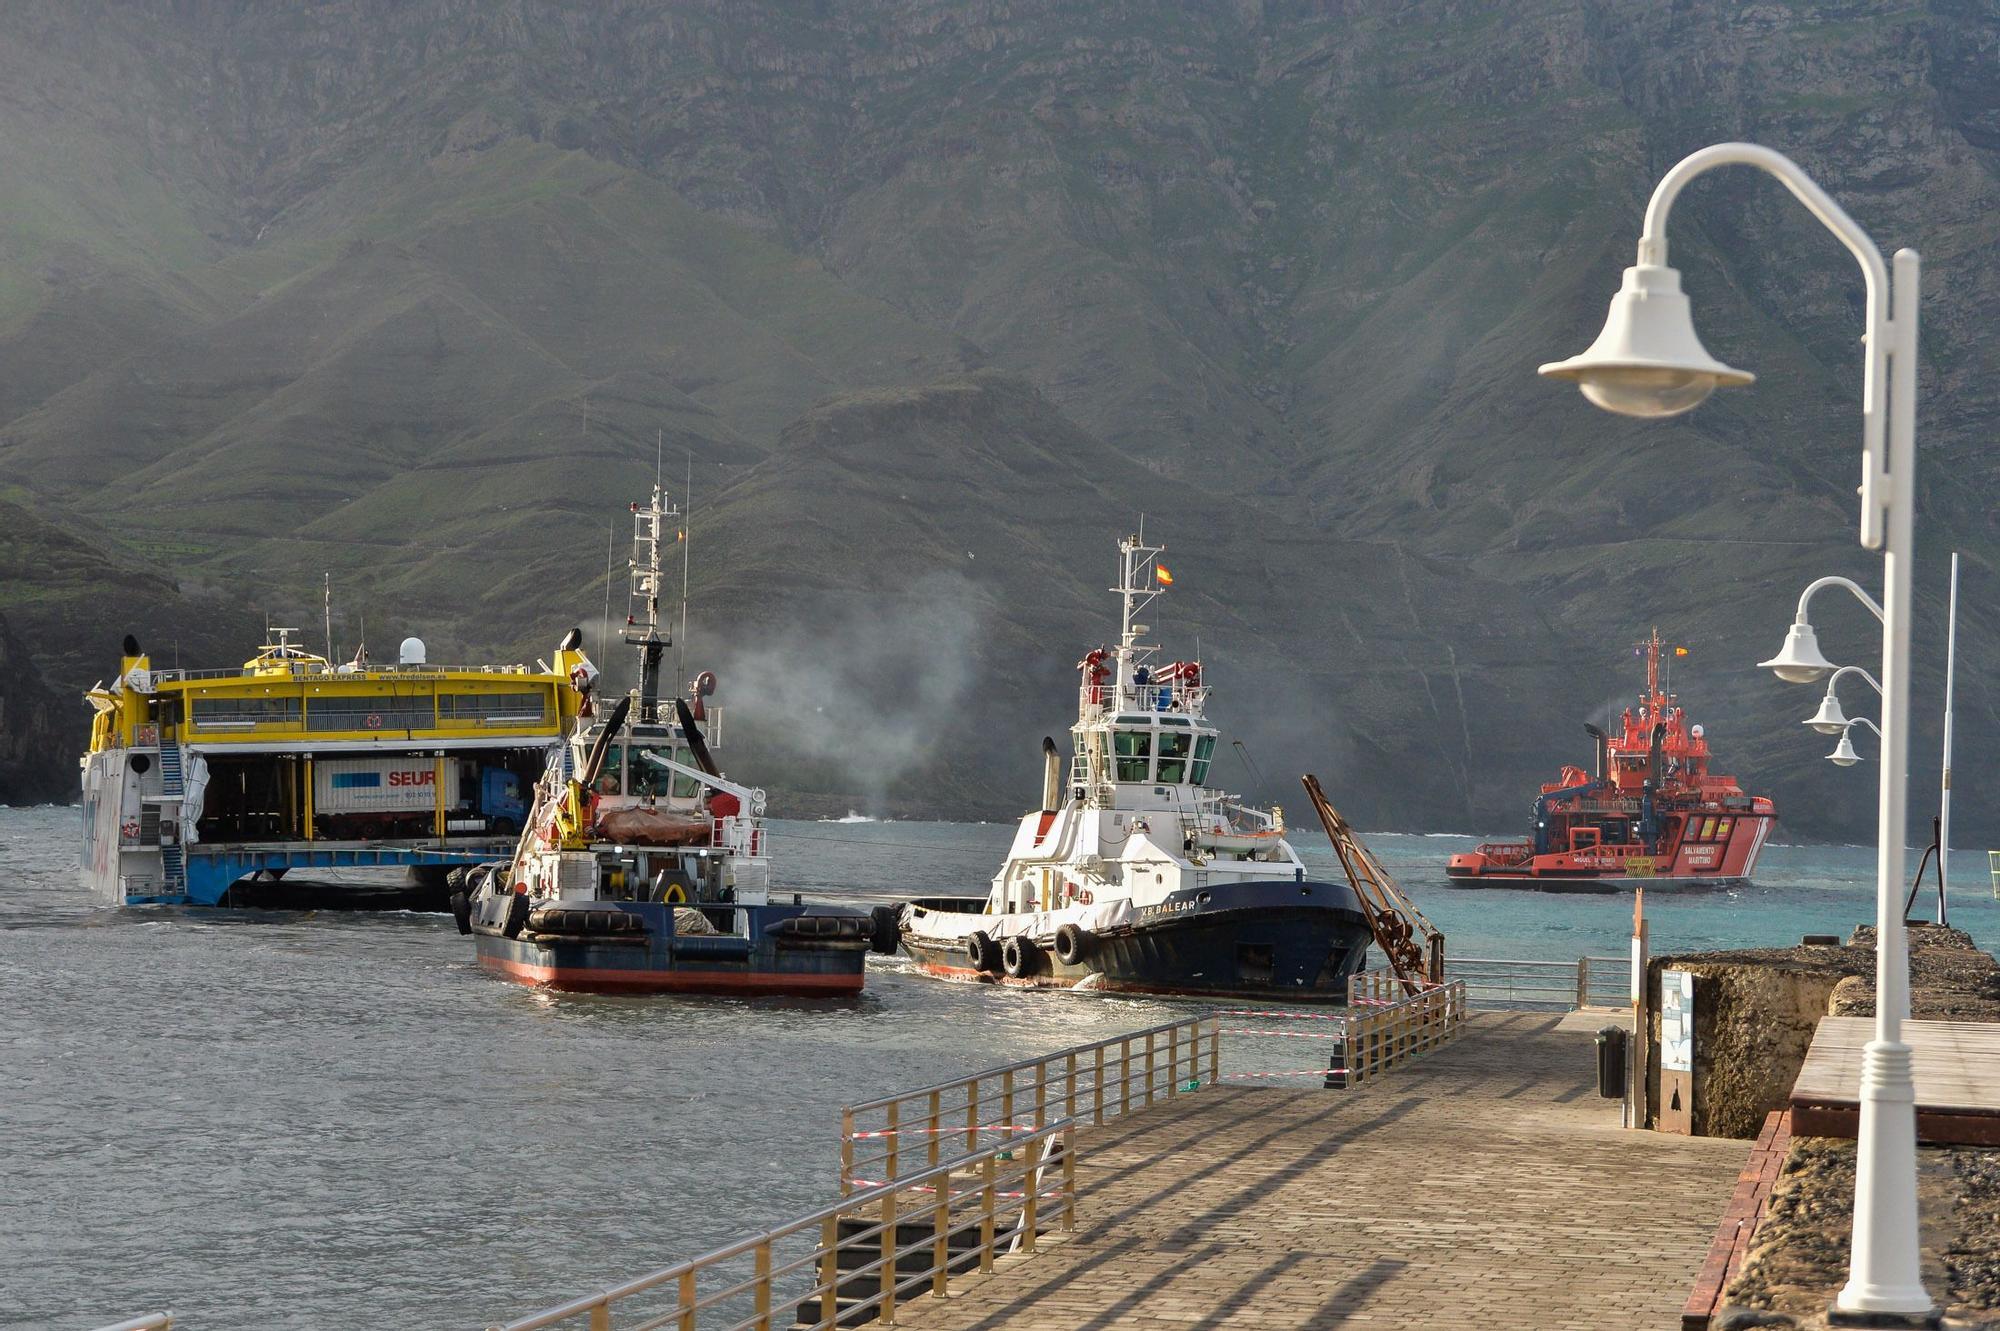 Nuevo intento infructuoso para desencallar el ferry en Agaete